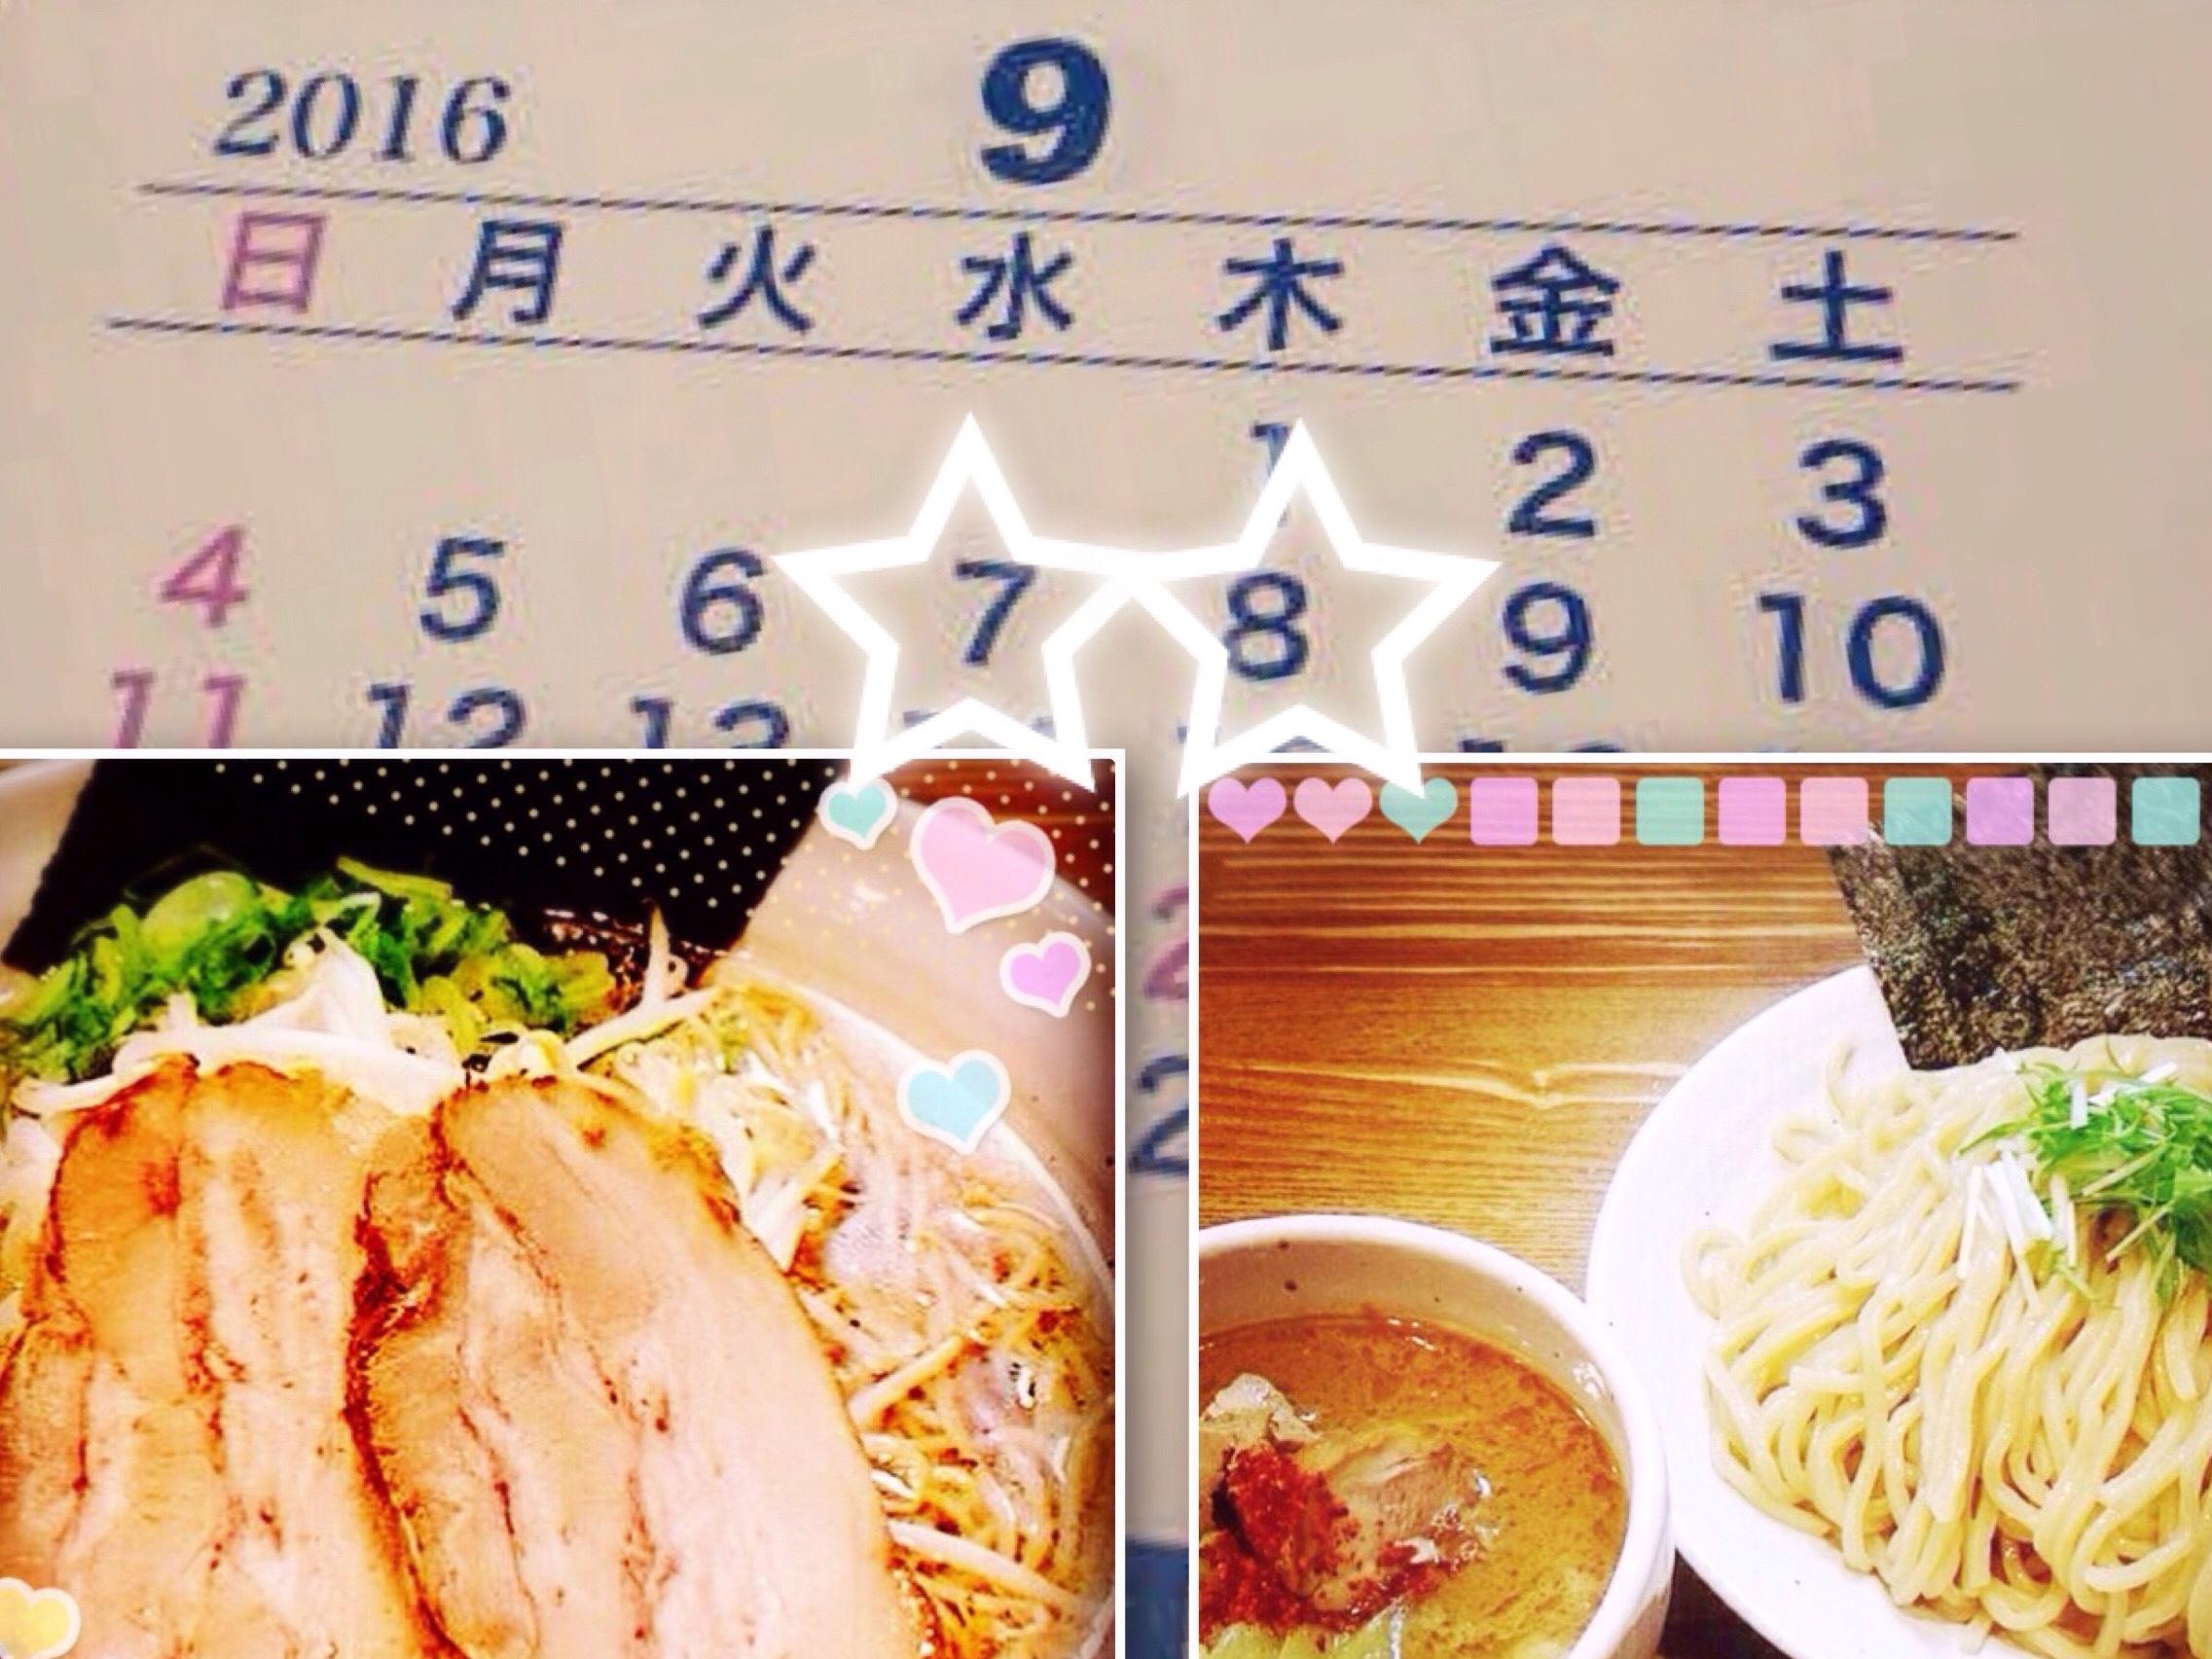 中野駅北口徒歩30秒のラーメン専門店上海麺館 ランチイベント日程